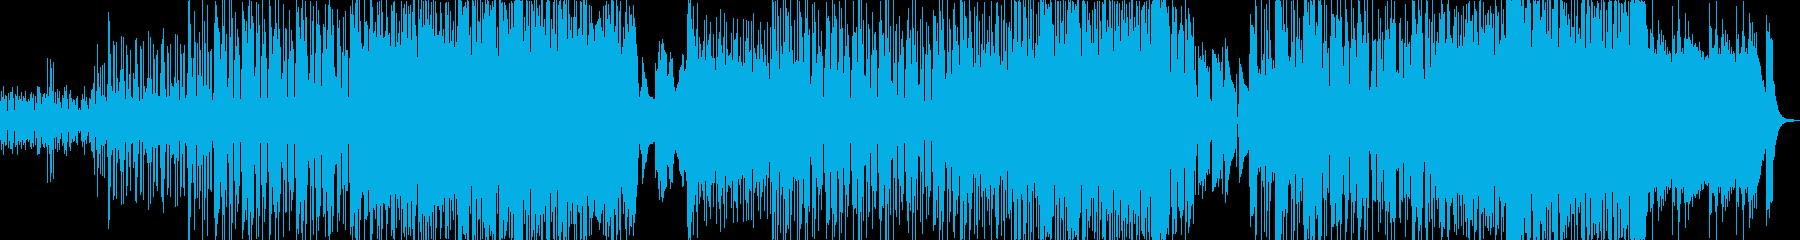 ドキュメンタリーの再生済みの波形